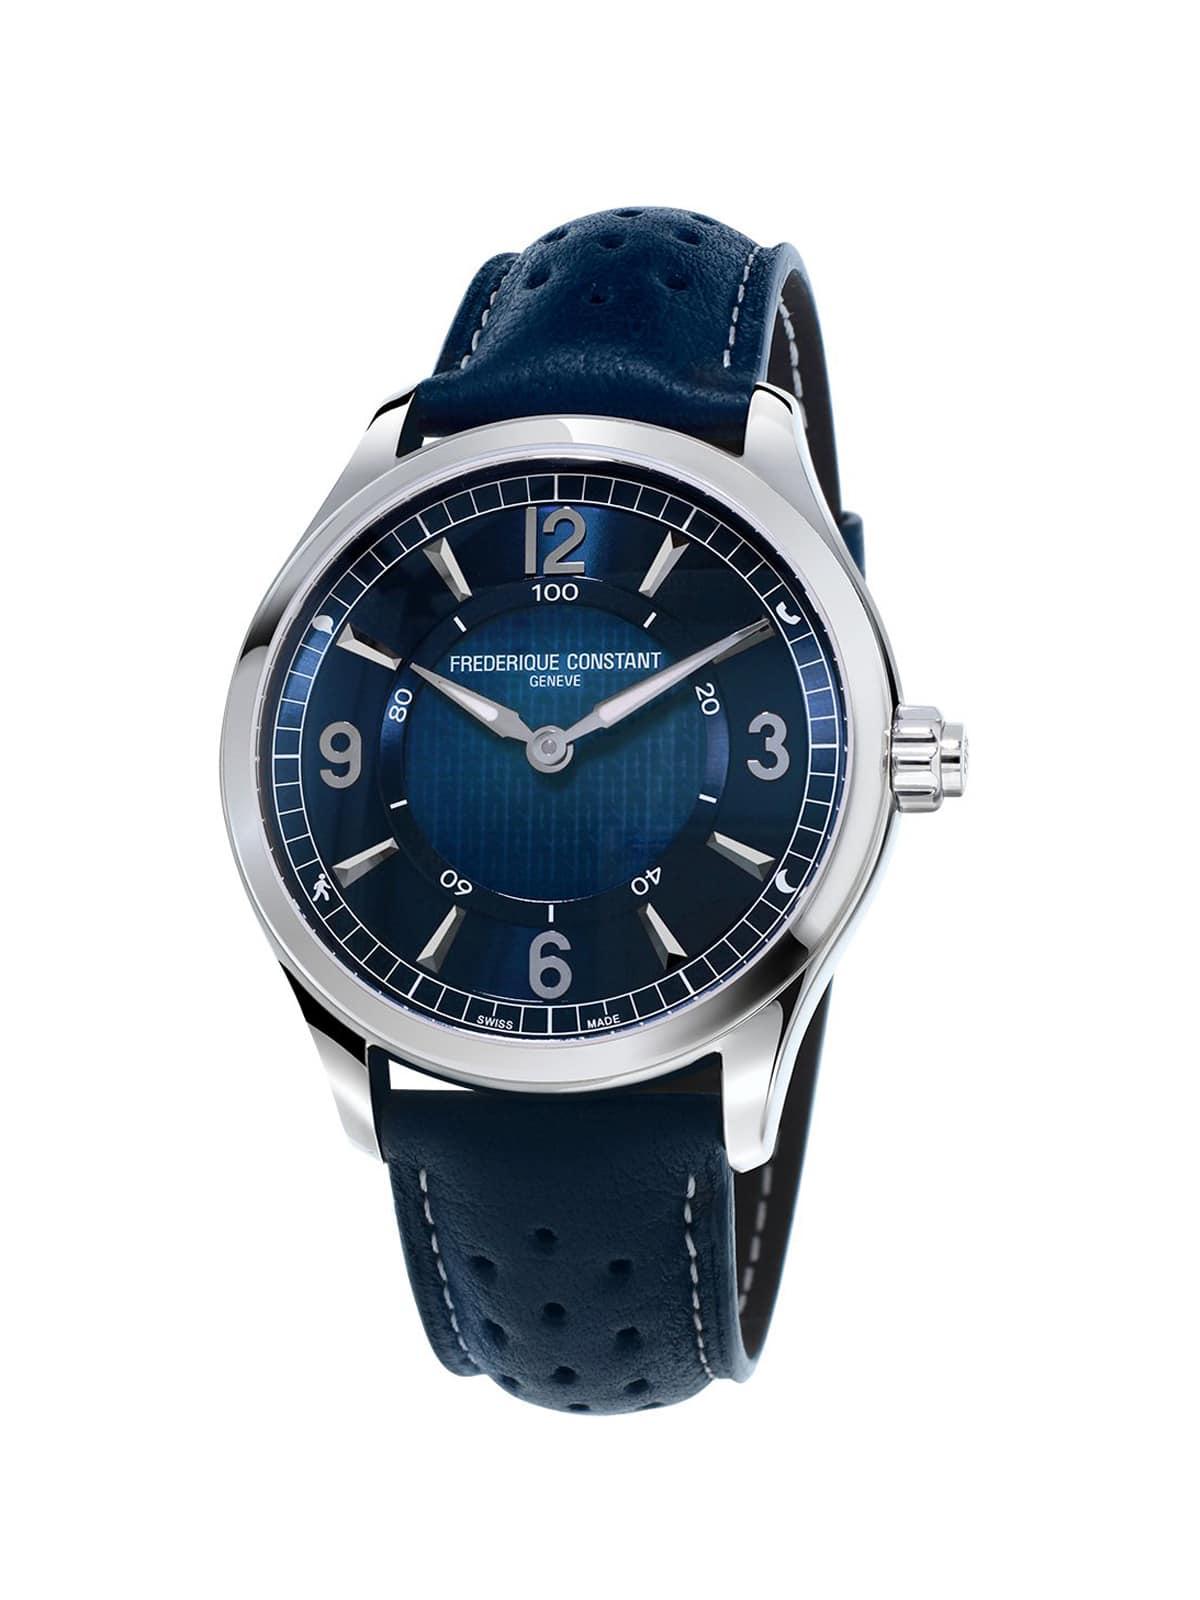 Horological Smartwatch FC-282AN5B6